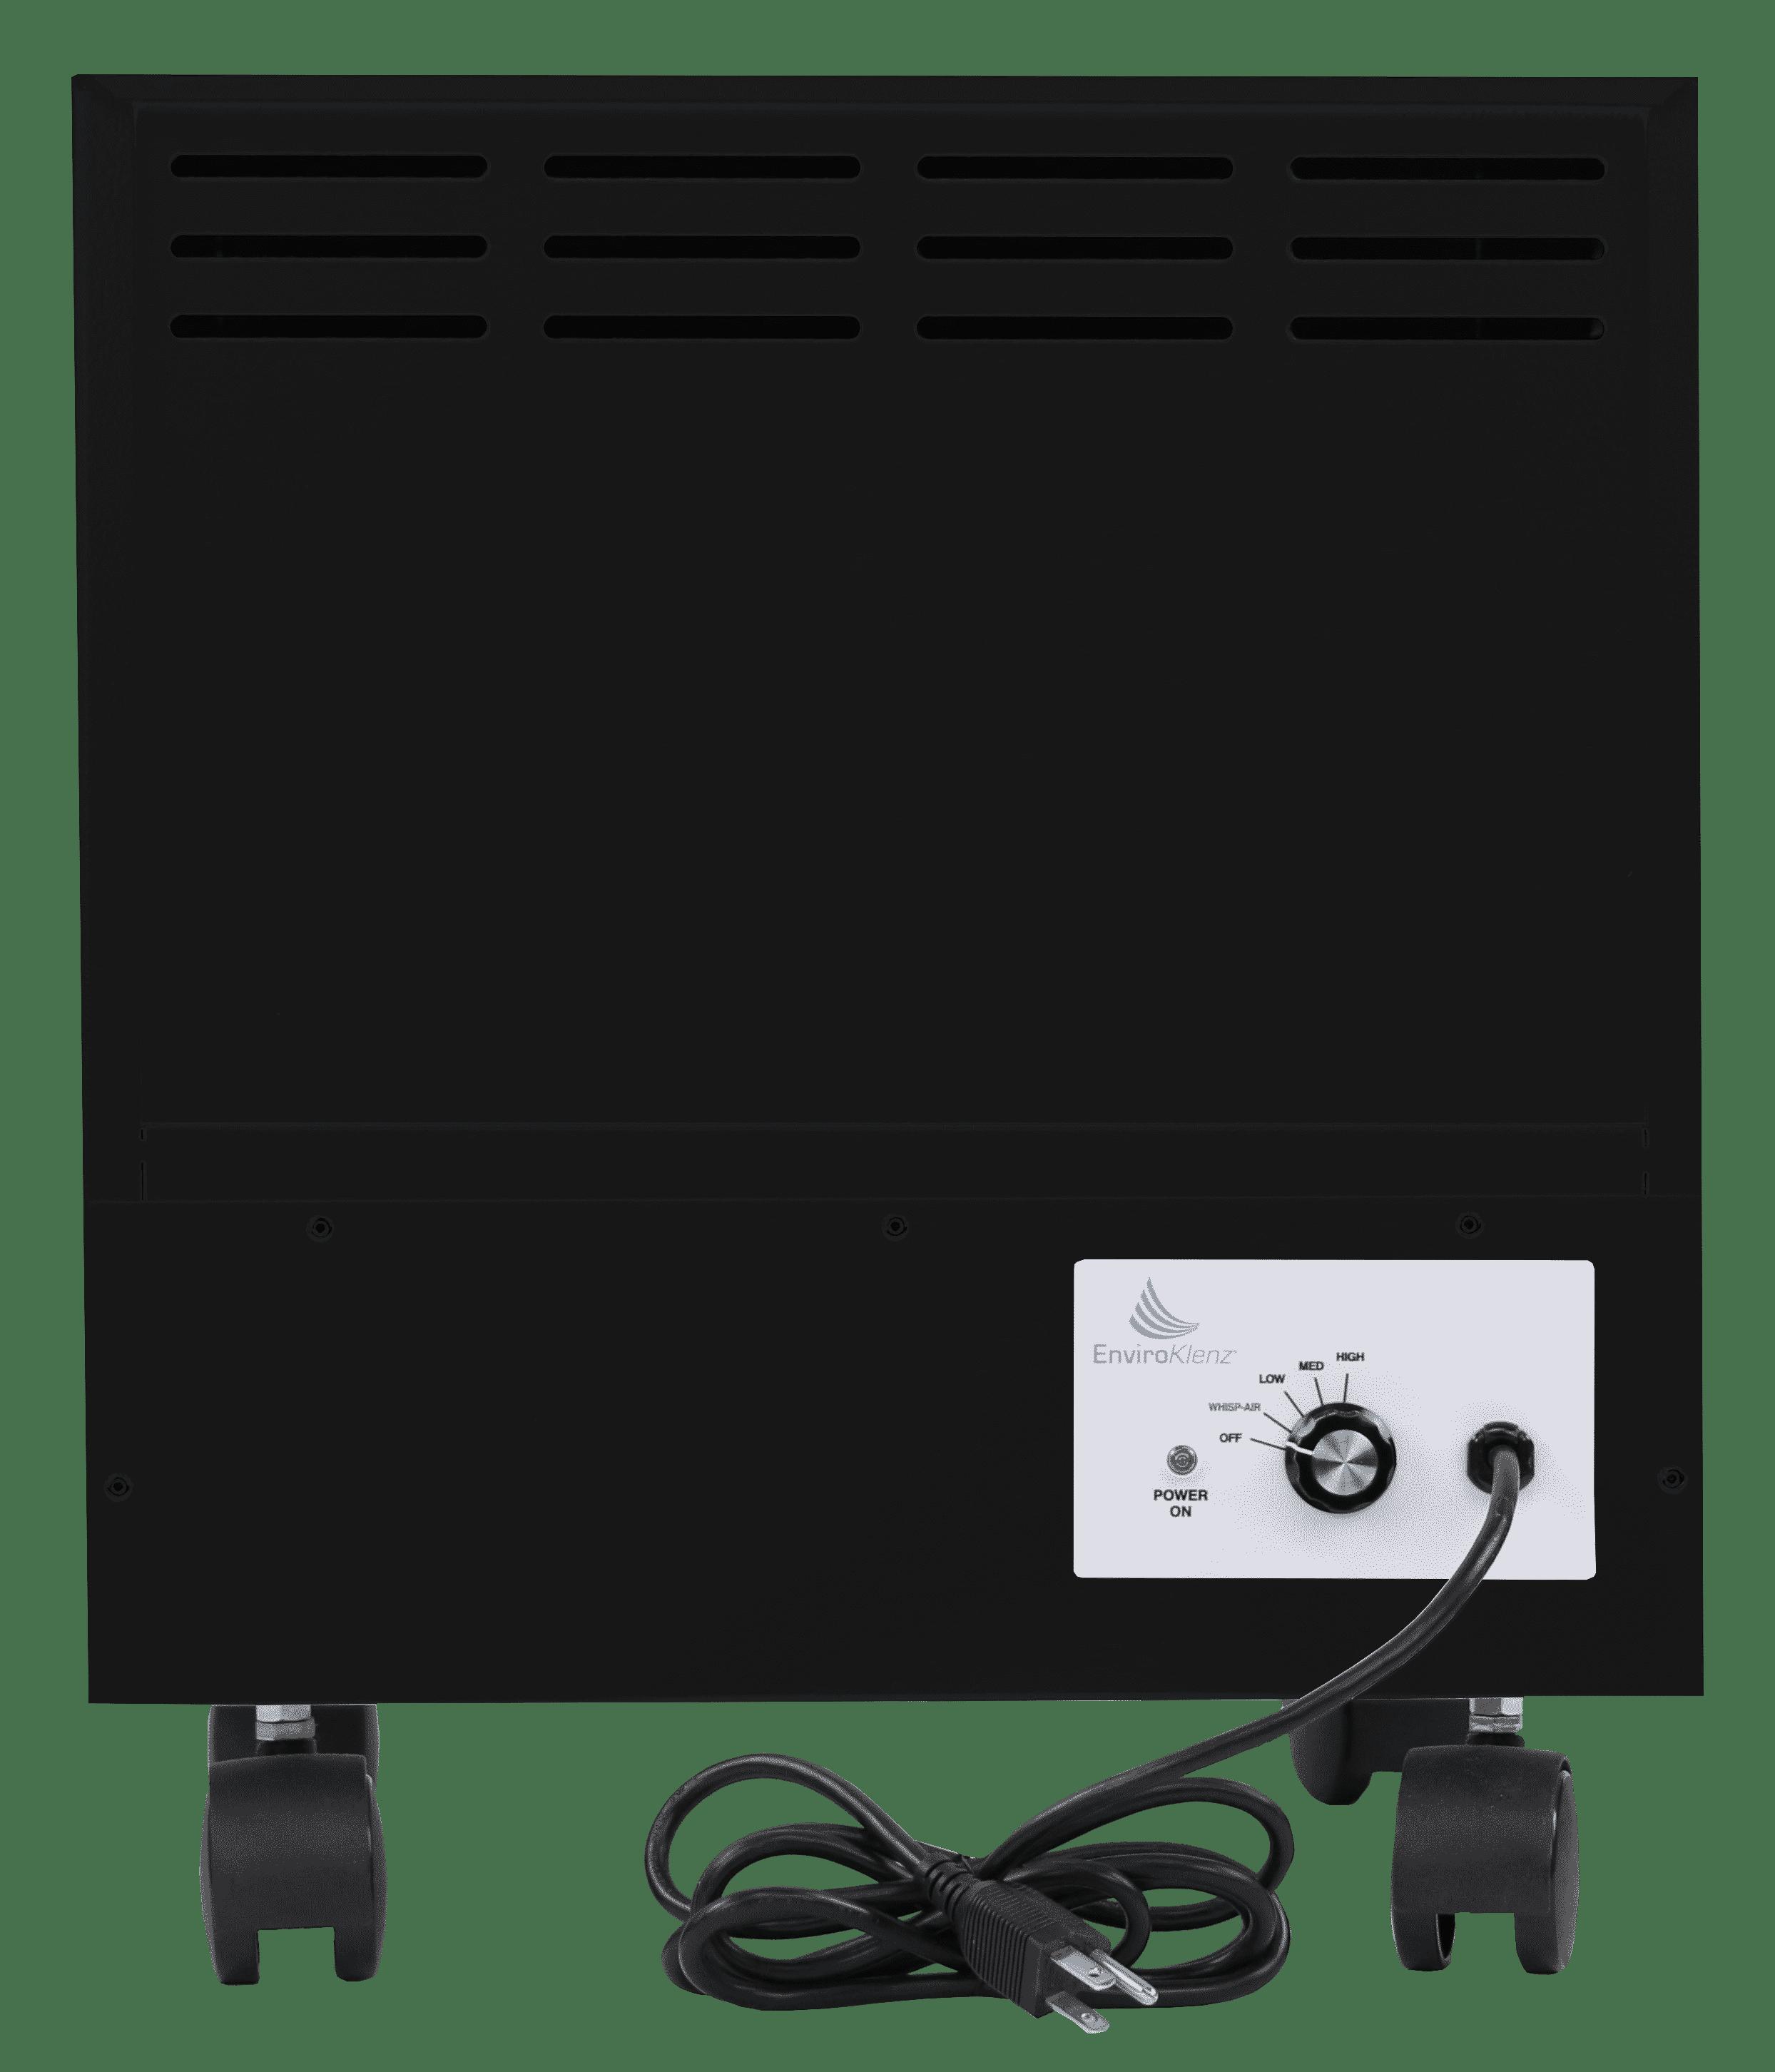 EnviroKlenz Air Purifier Air purifier, Purifier, Remove vocs